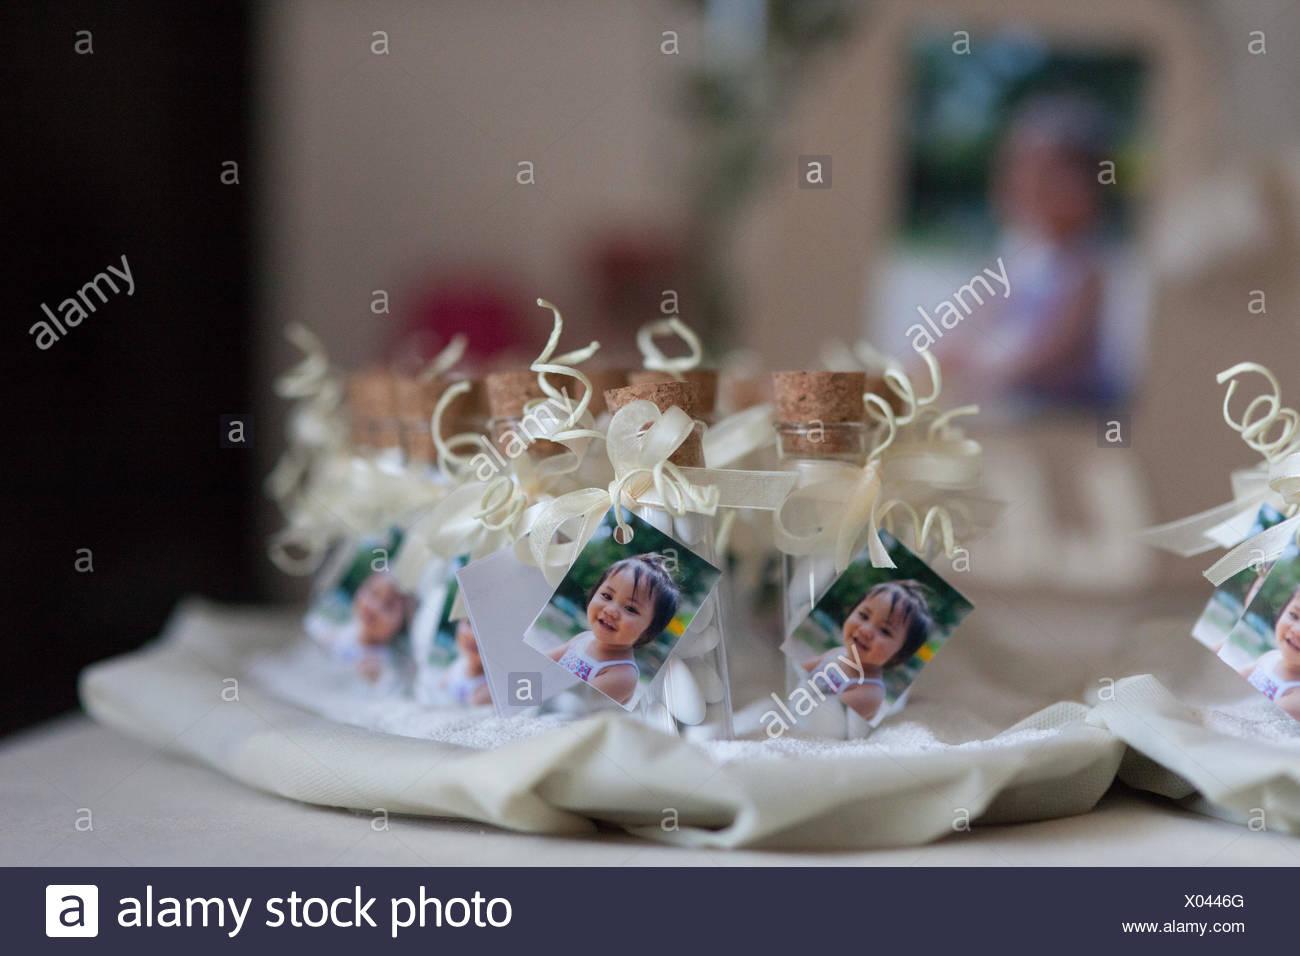 BAPTISM - Stock Image